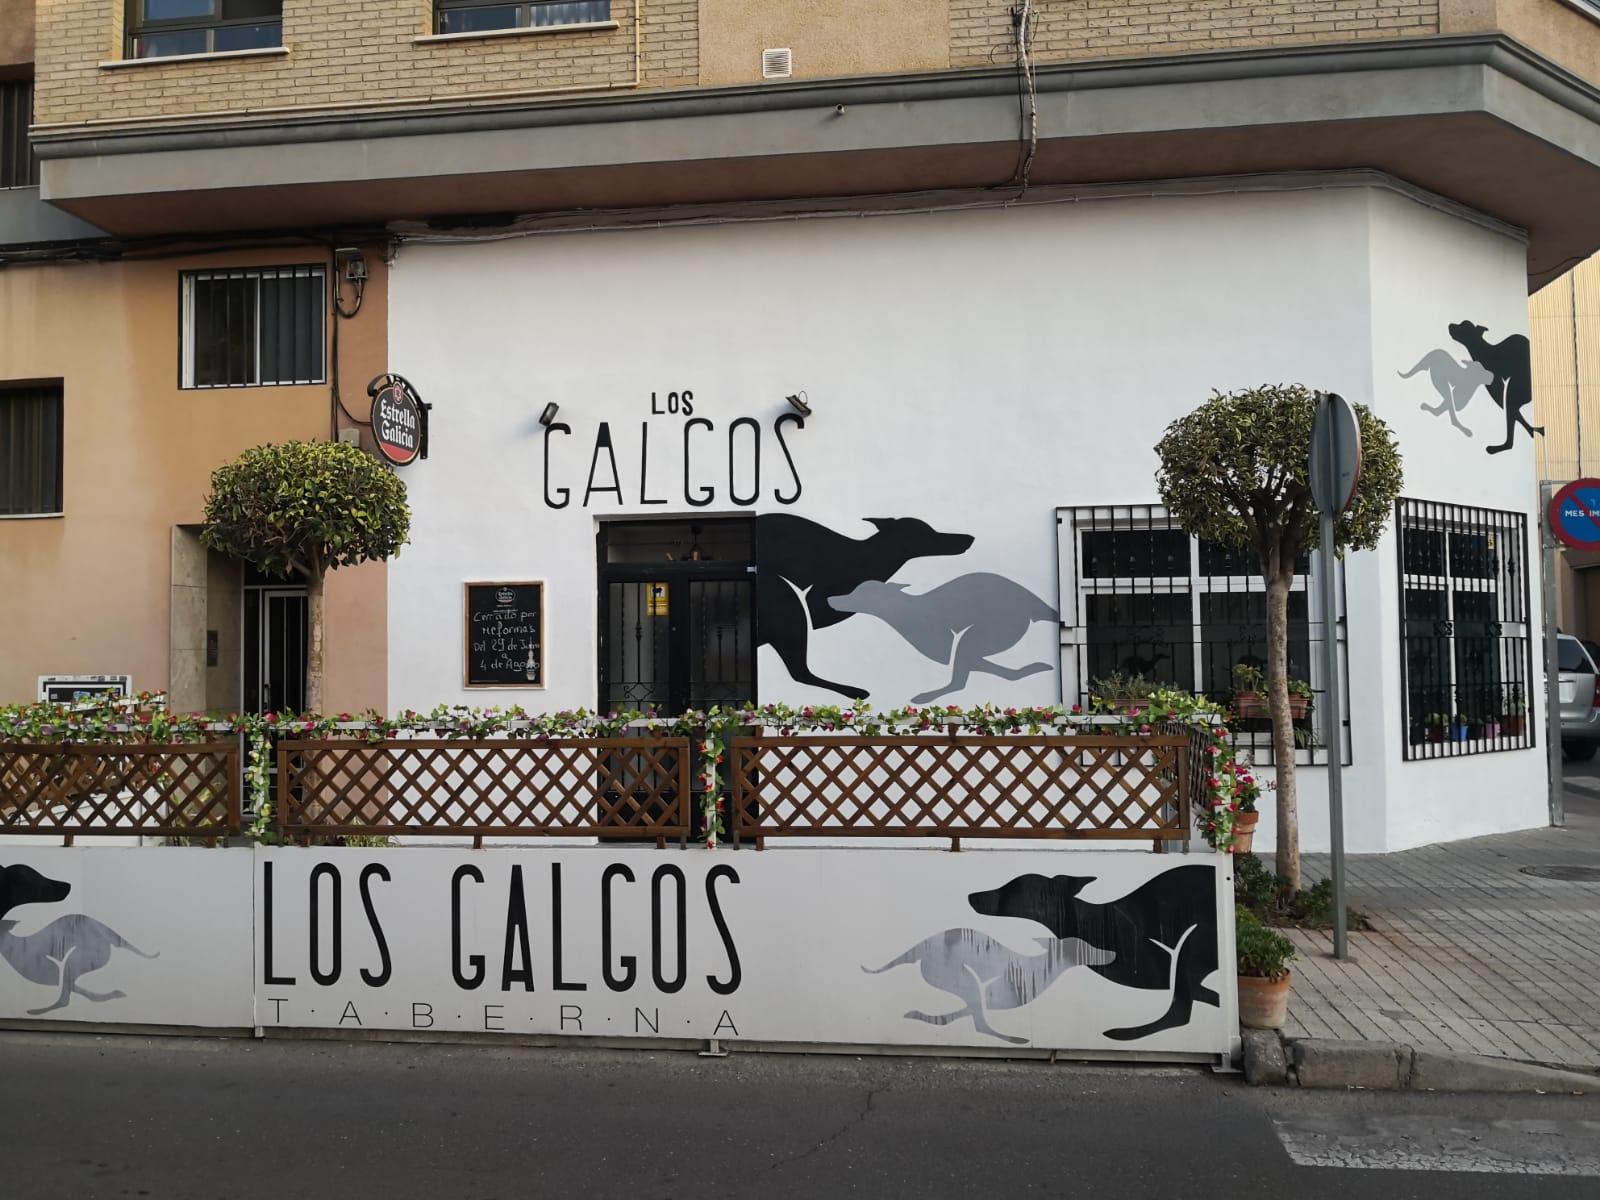 Entrevista a la Taberna de Los Galgos, Silvia Cerverá